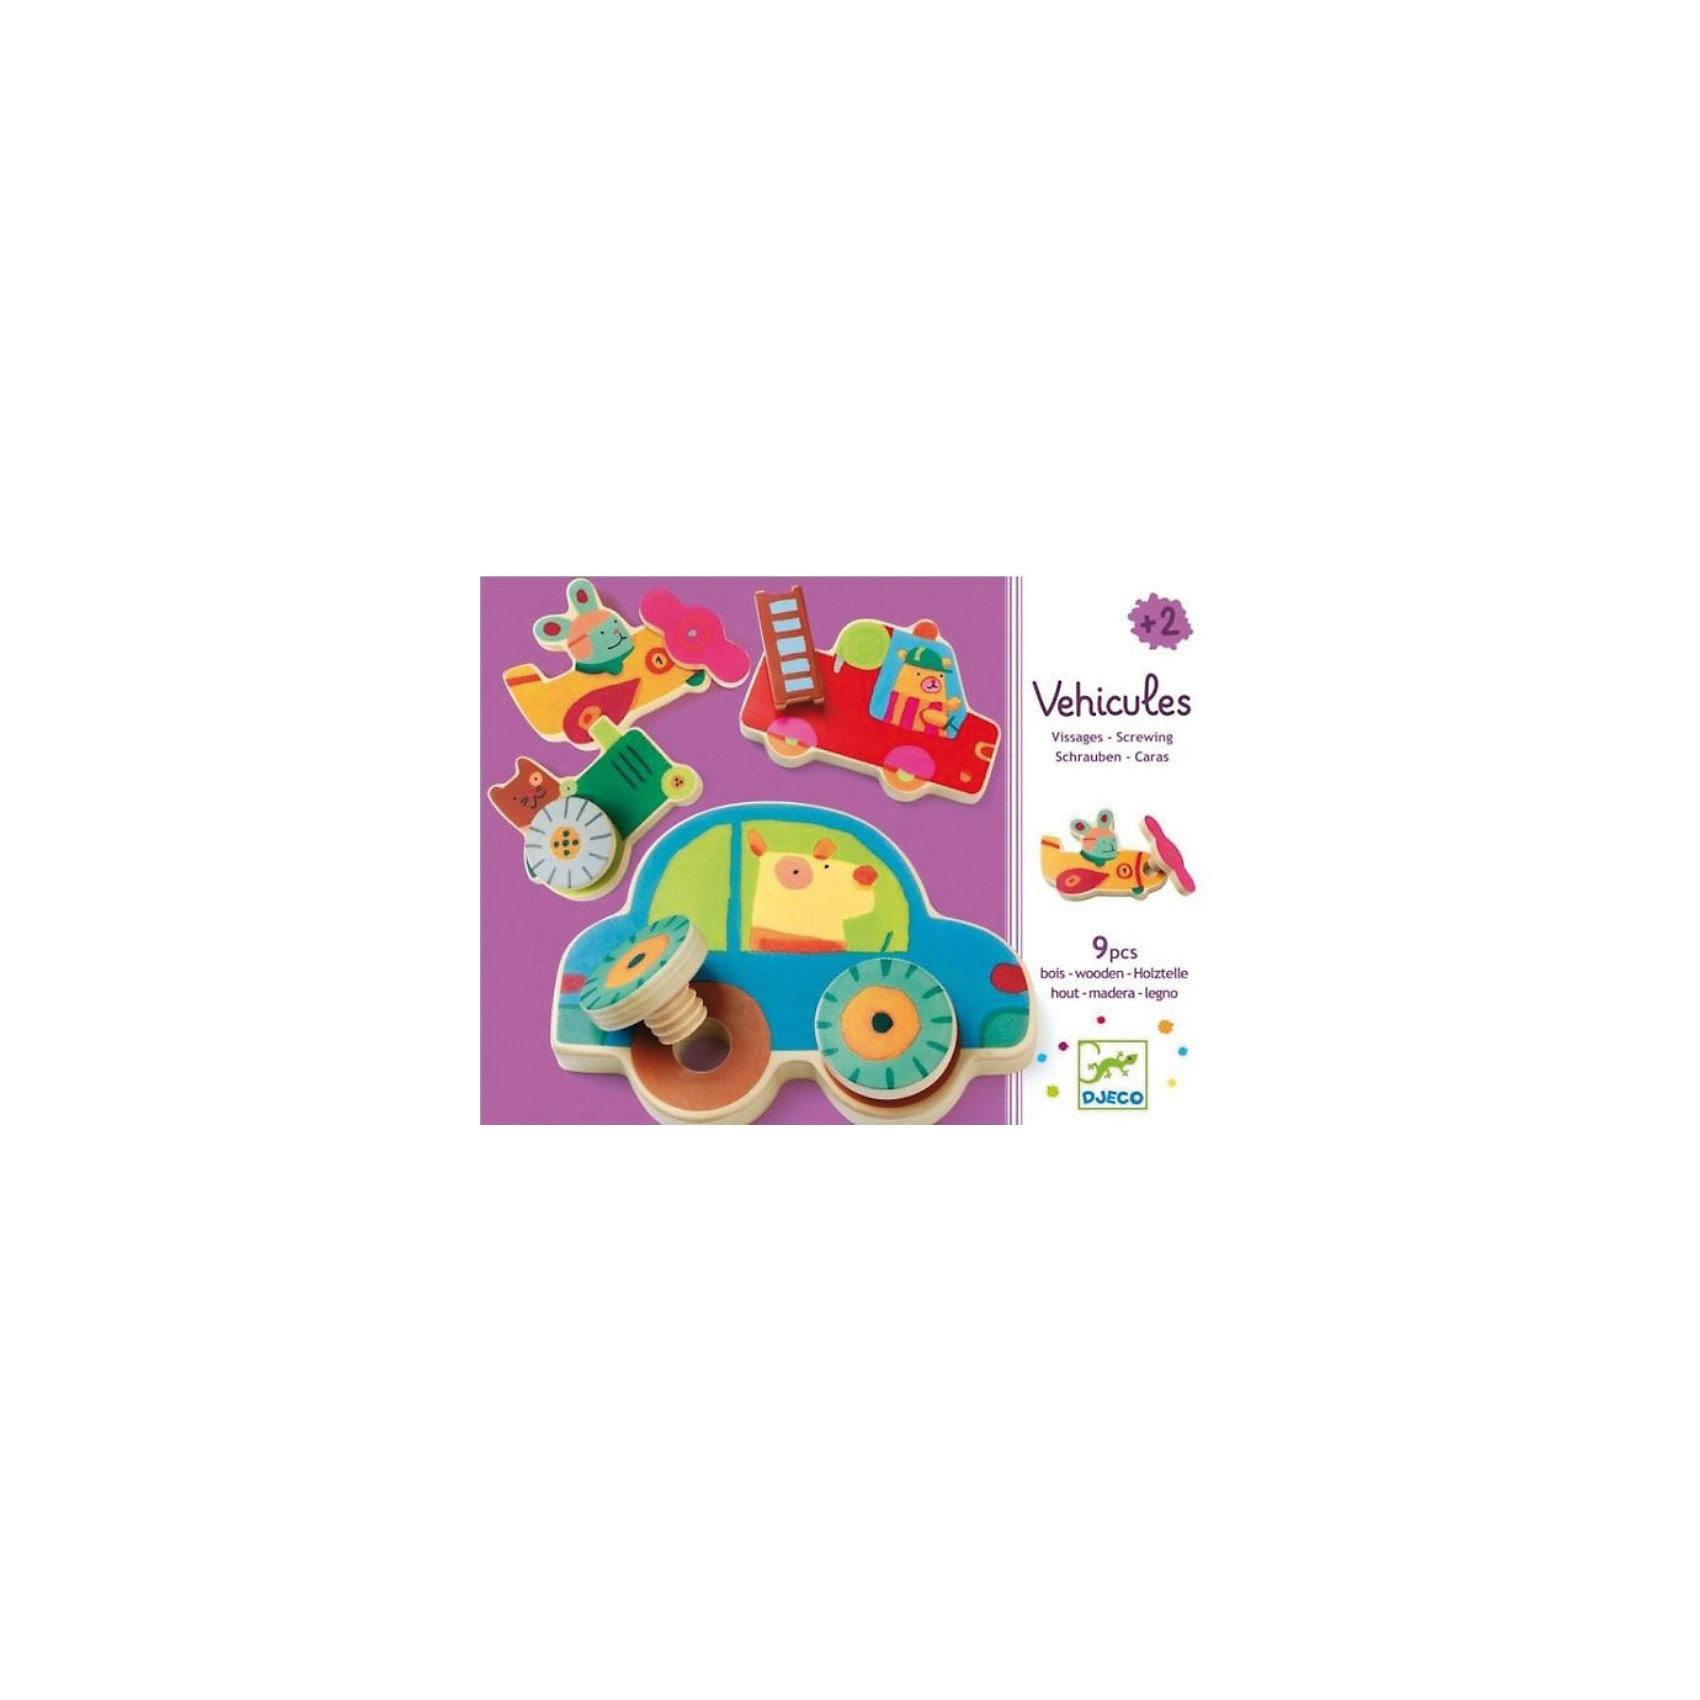 DJECO Развивающая игра Прикрути колесо, DJECO развивающая игрушка djeco зверюшки попрыгунчики пастель 06105